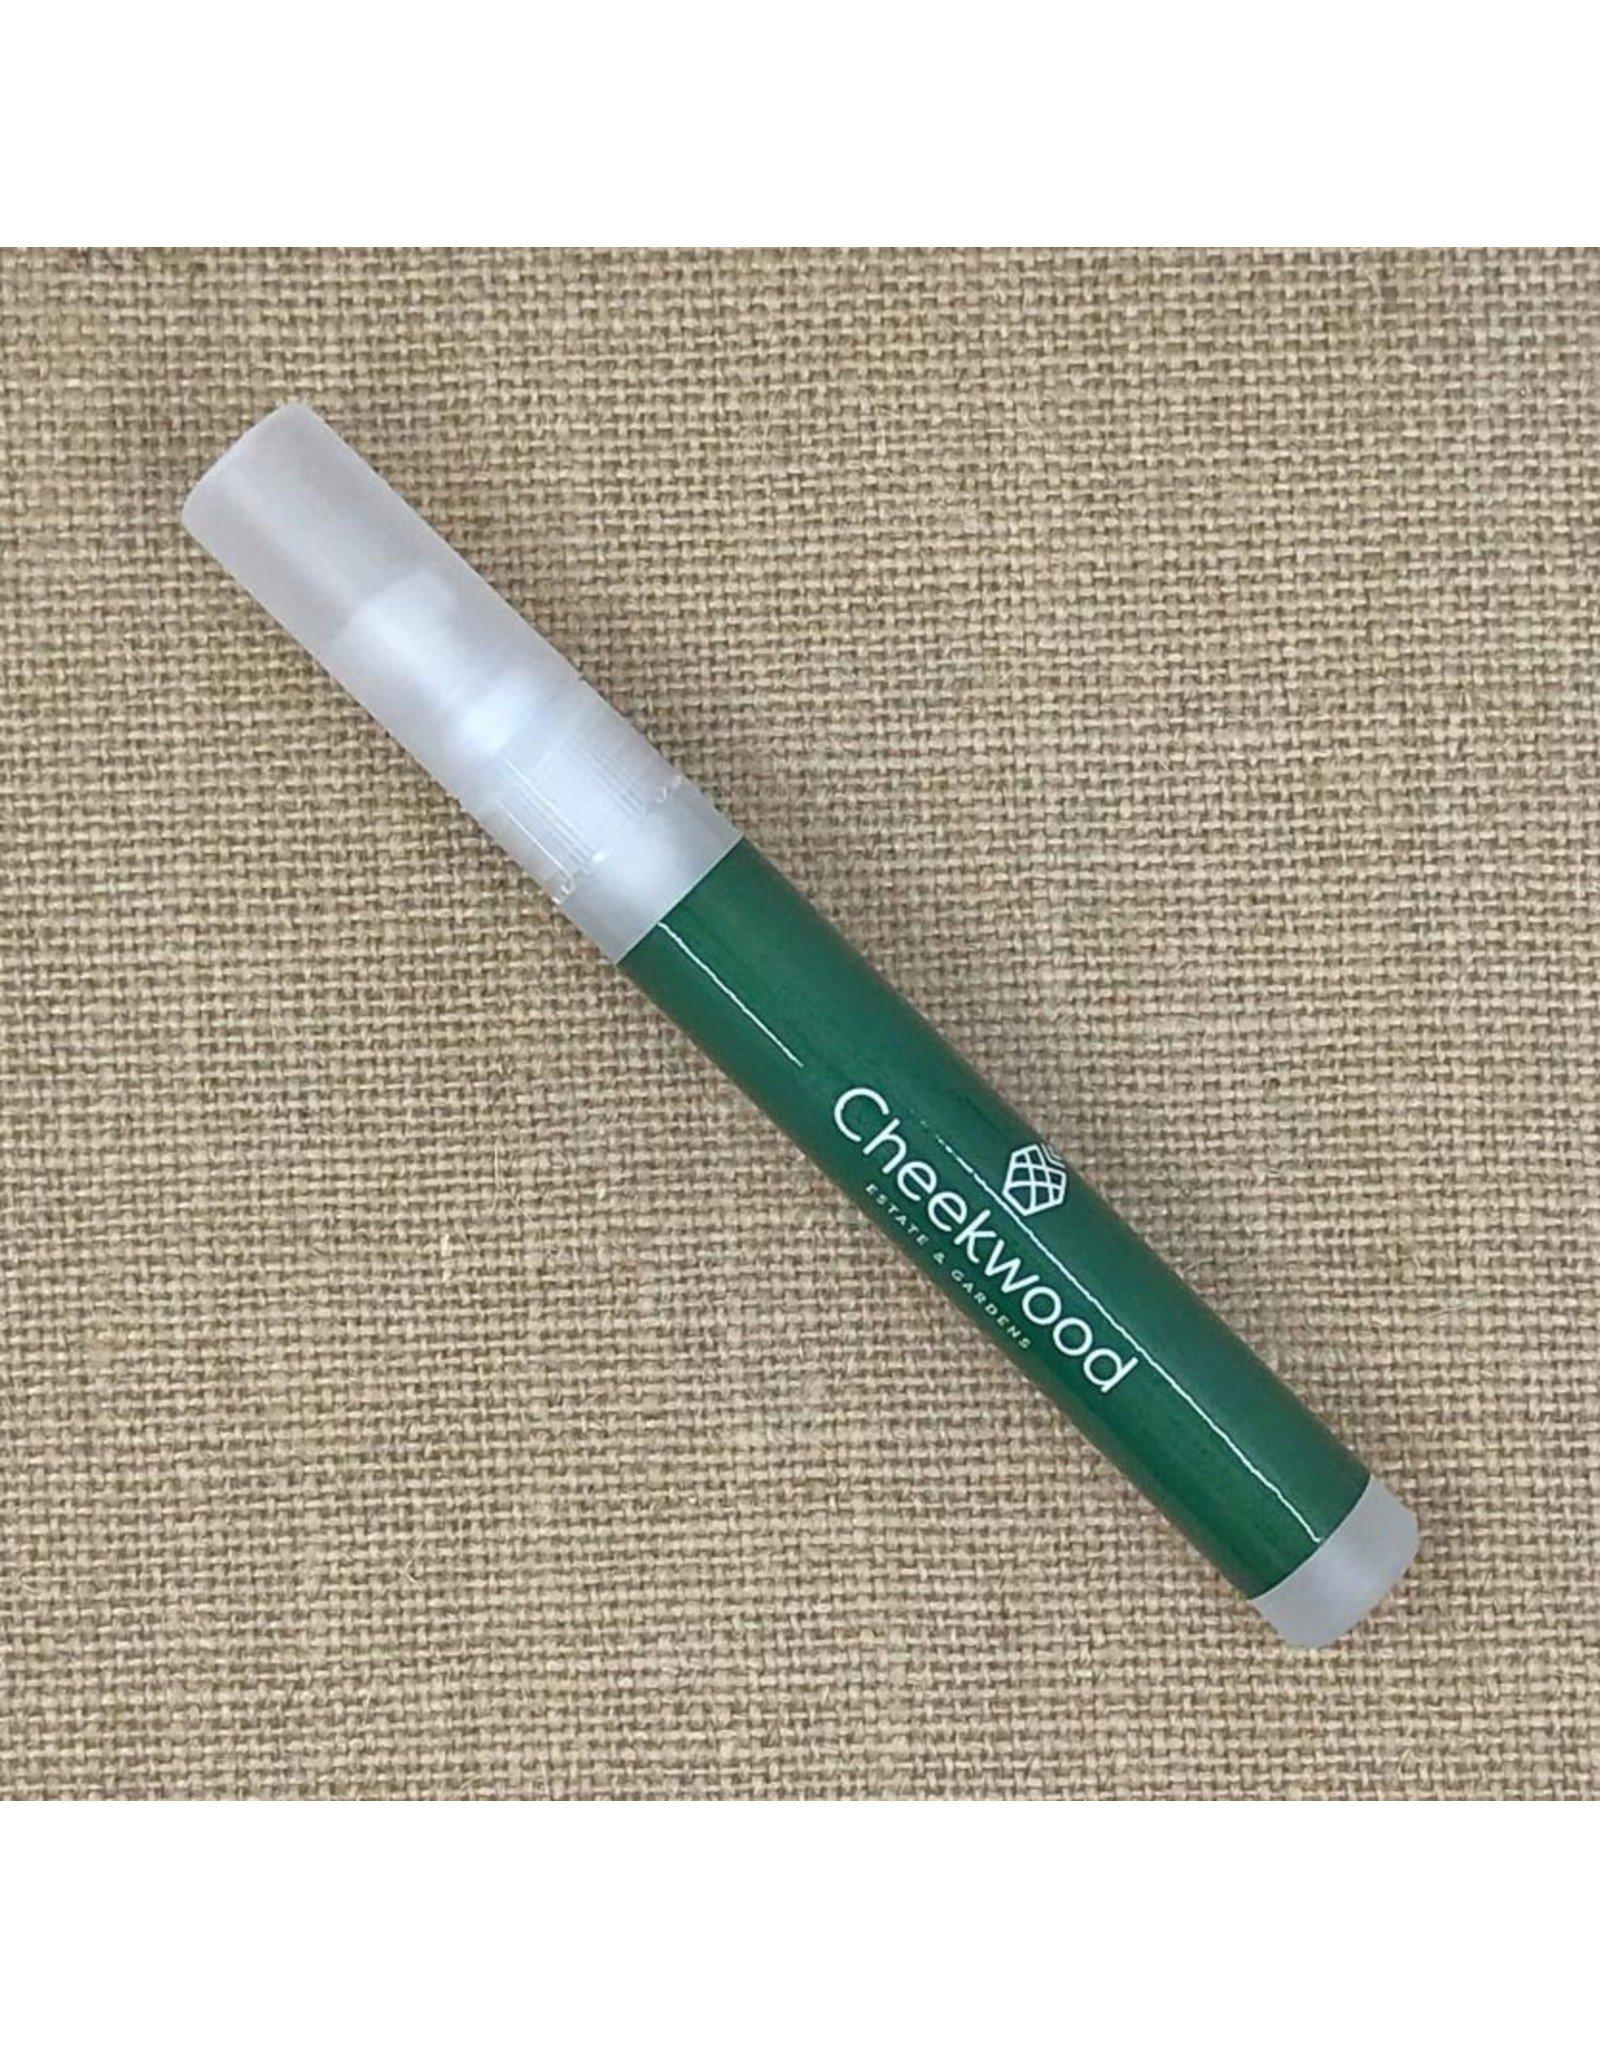 Cheekwood Hand Sanitizer